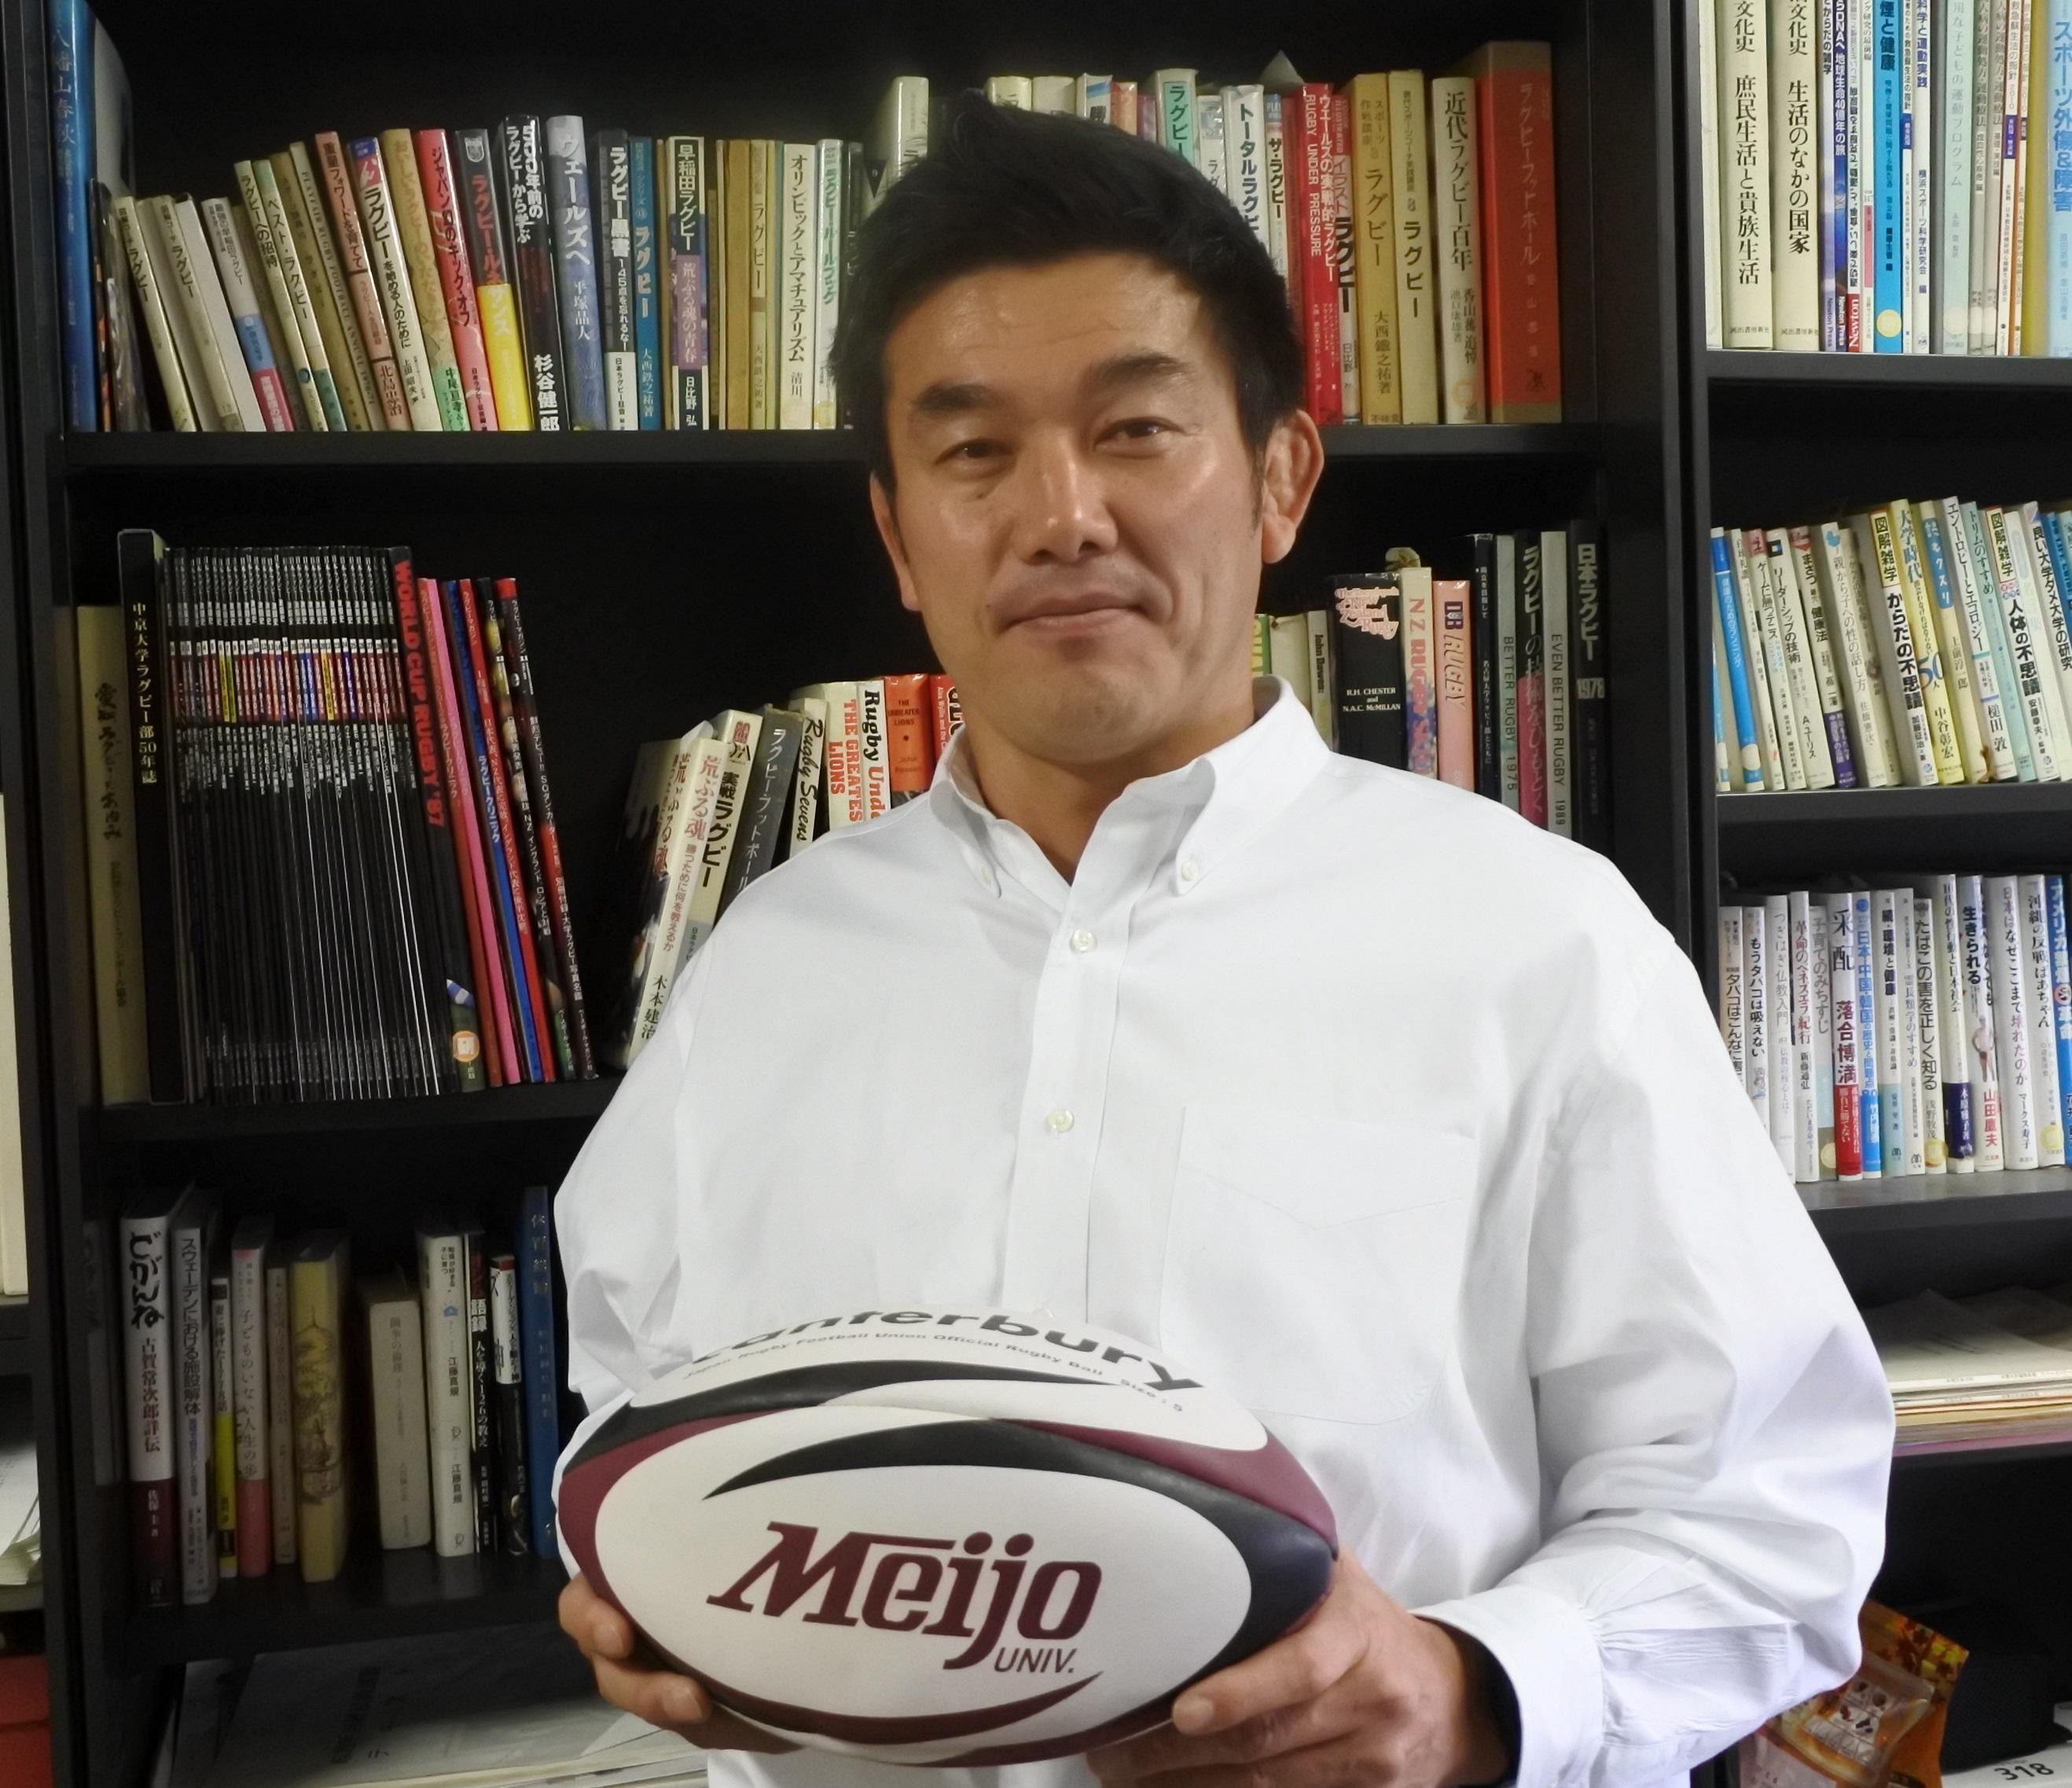 10号館の研究室でラグビーボールを持つ小泉和也准教授